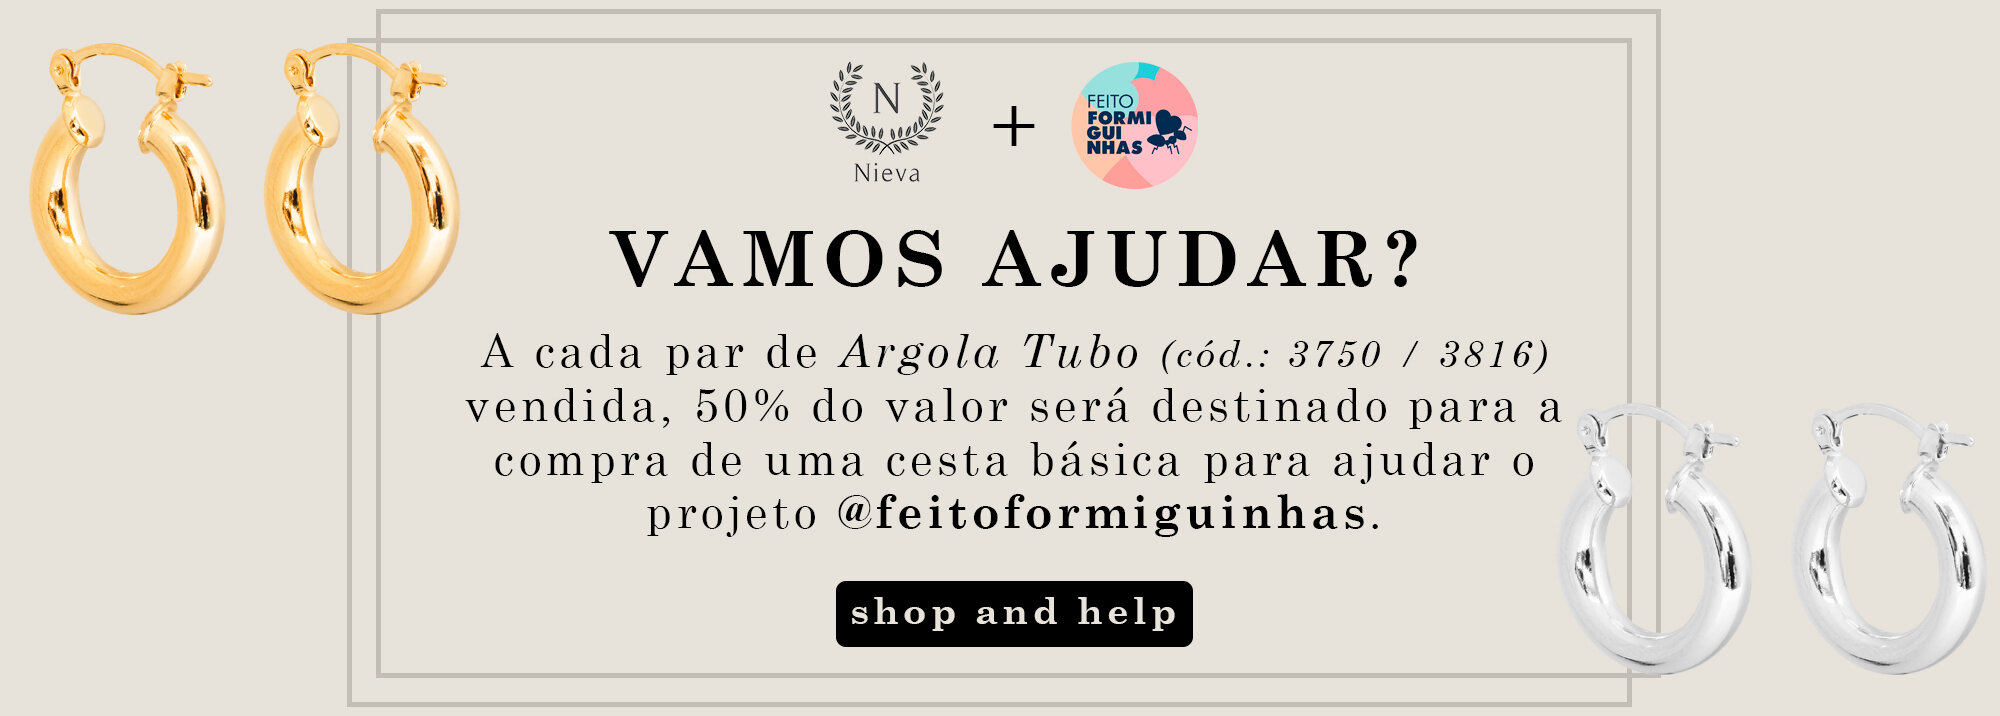 Projeto @feitoformiguinhas